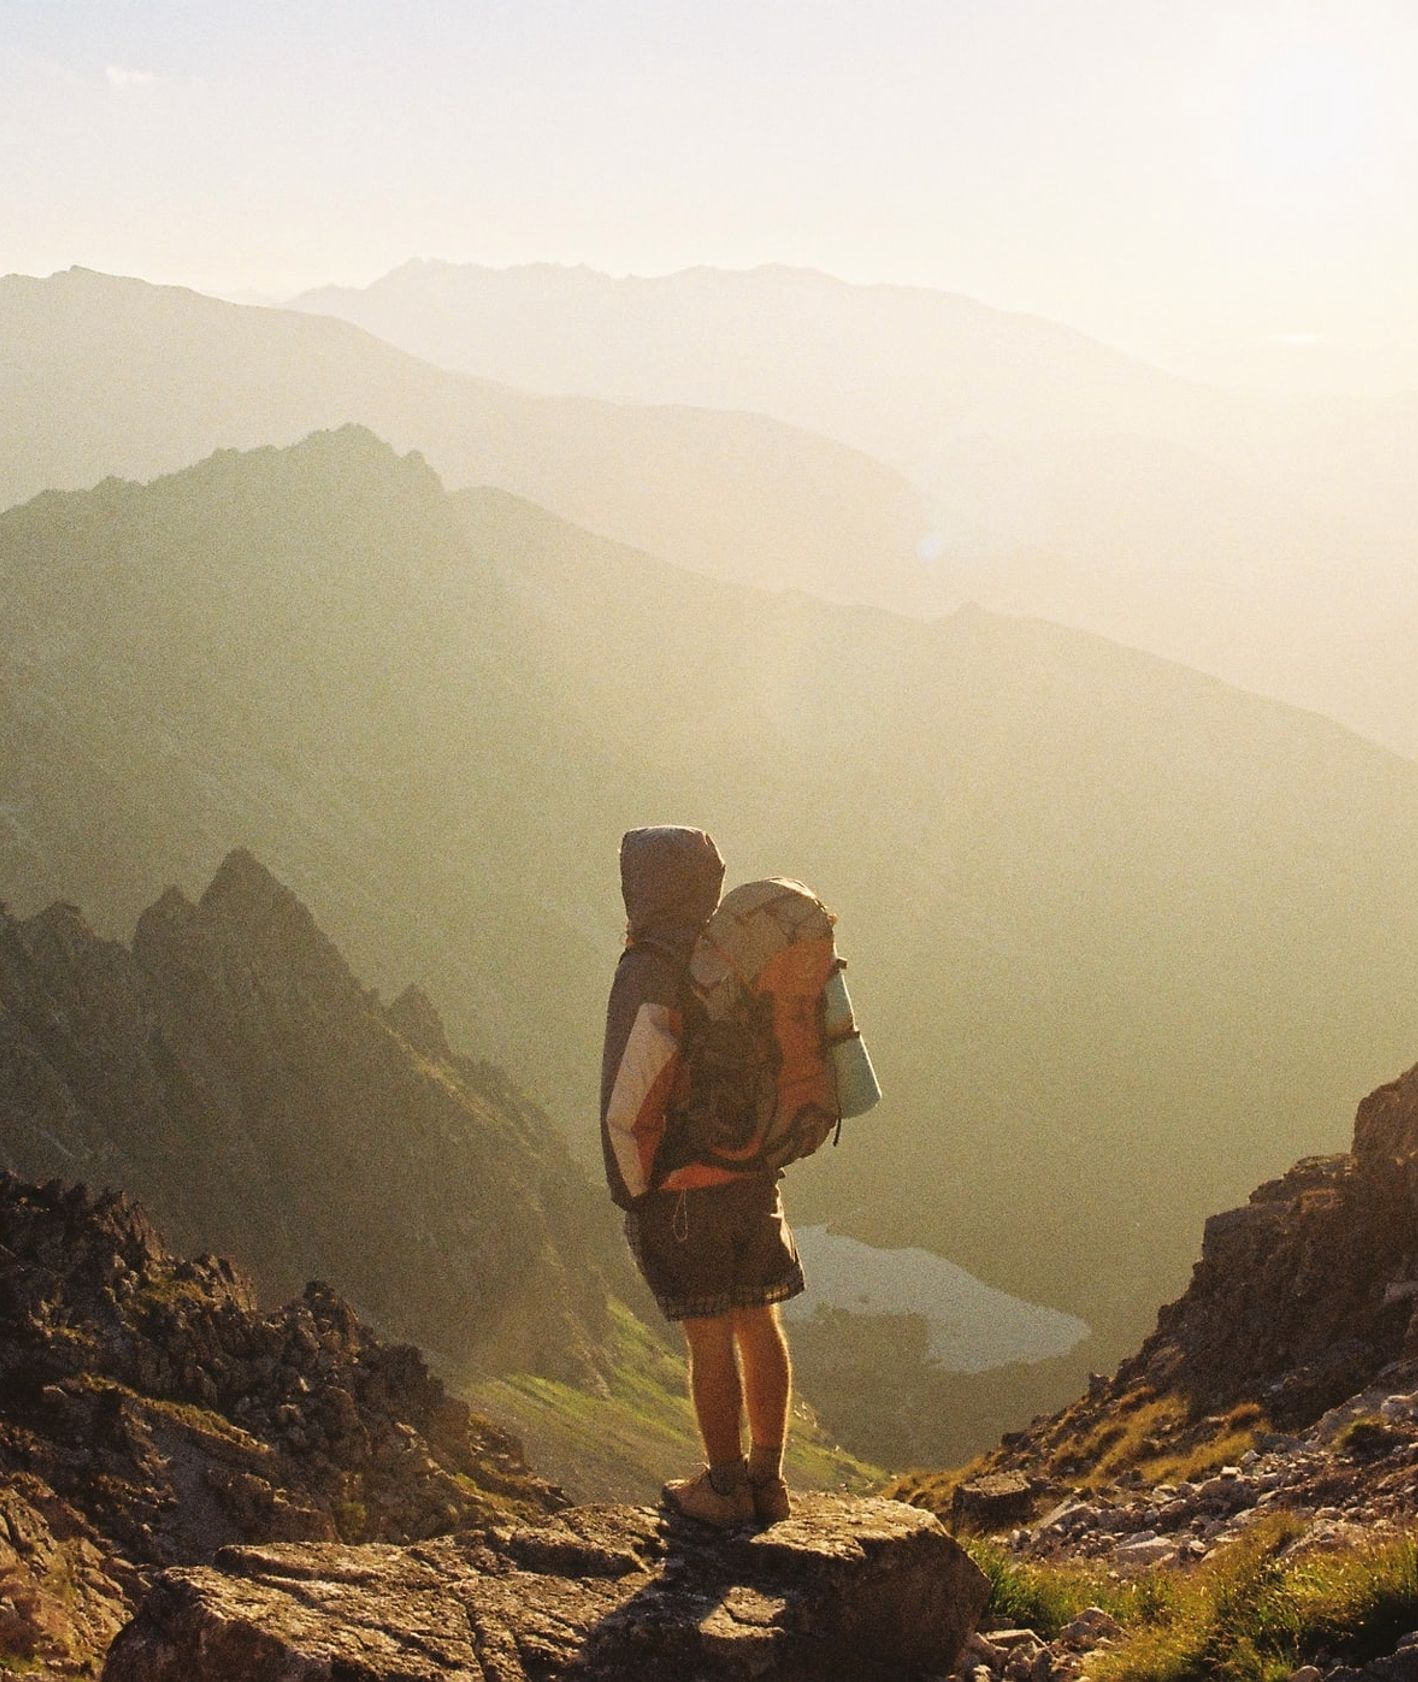 Mężczyzna z plecakiem stojący w górach (fot. Danka Peter / unsplash.com)